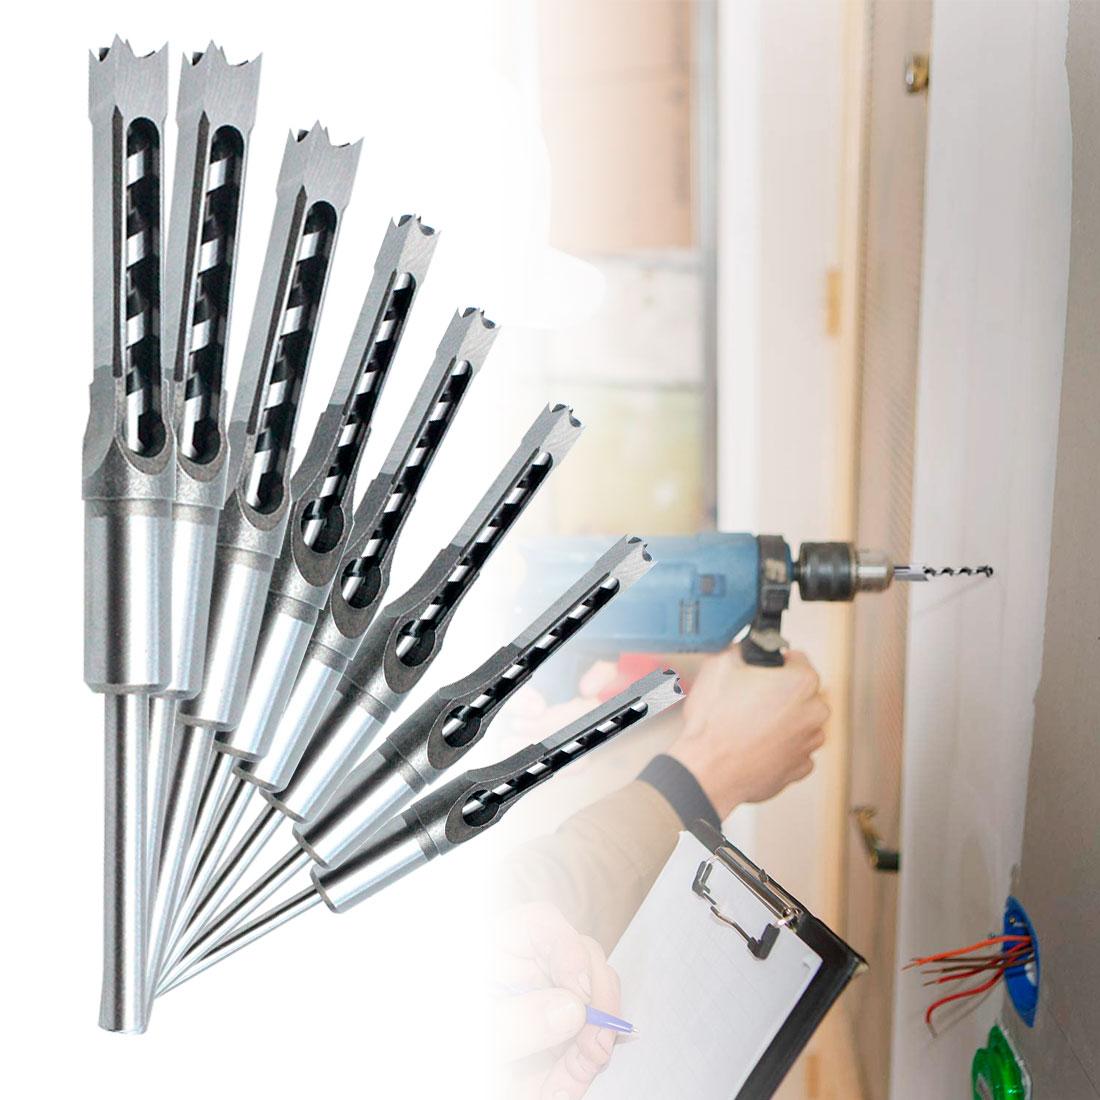 Набор спиральных Сверл из быстрорежущей стали, набор инструментов для деревообработки, набор резцов для резки с квадратным шнеком, набор уд...